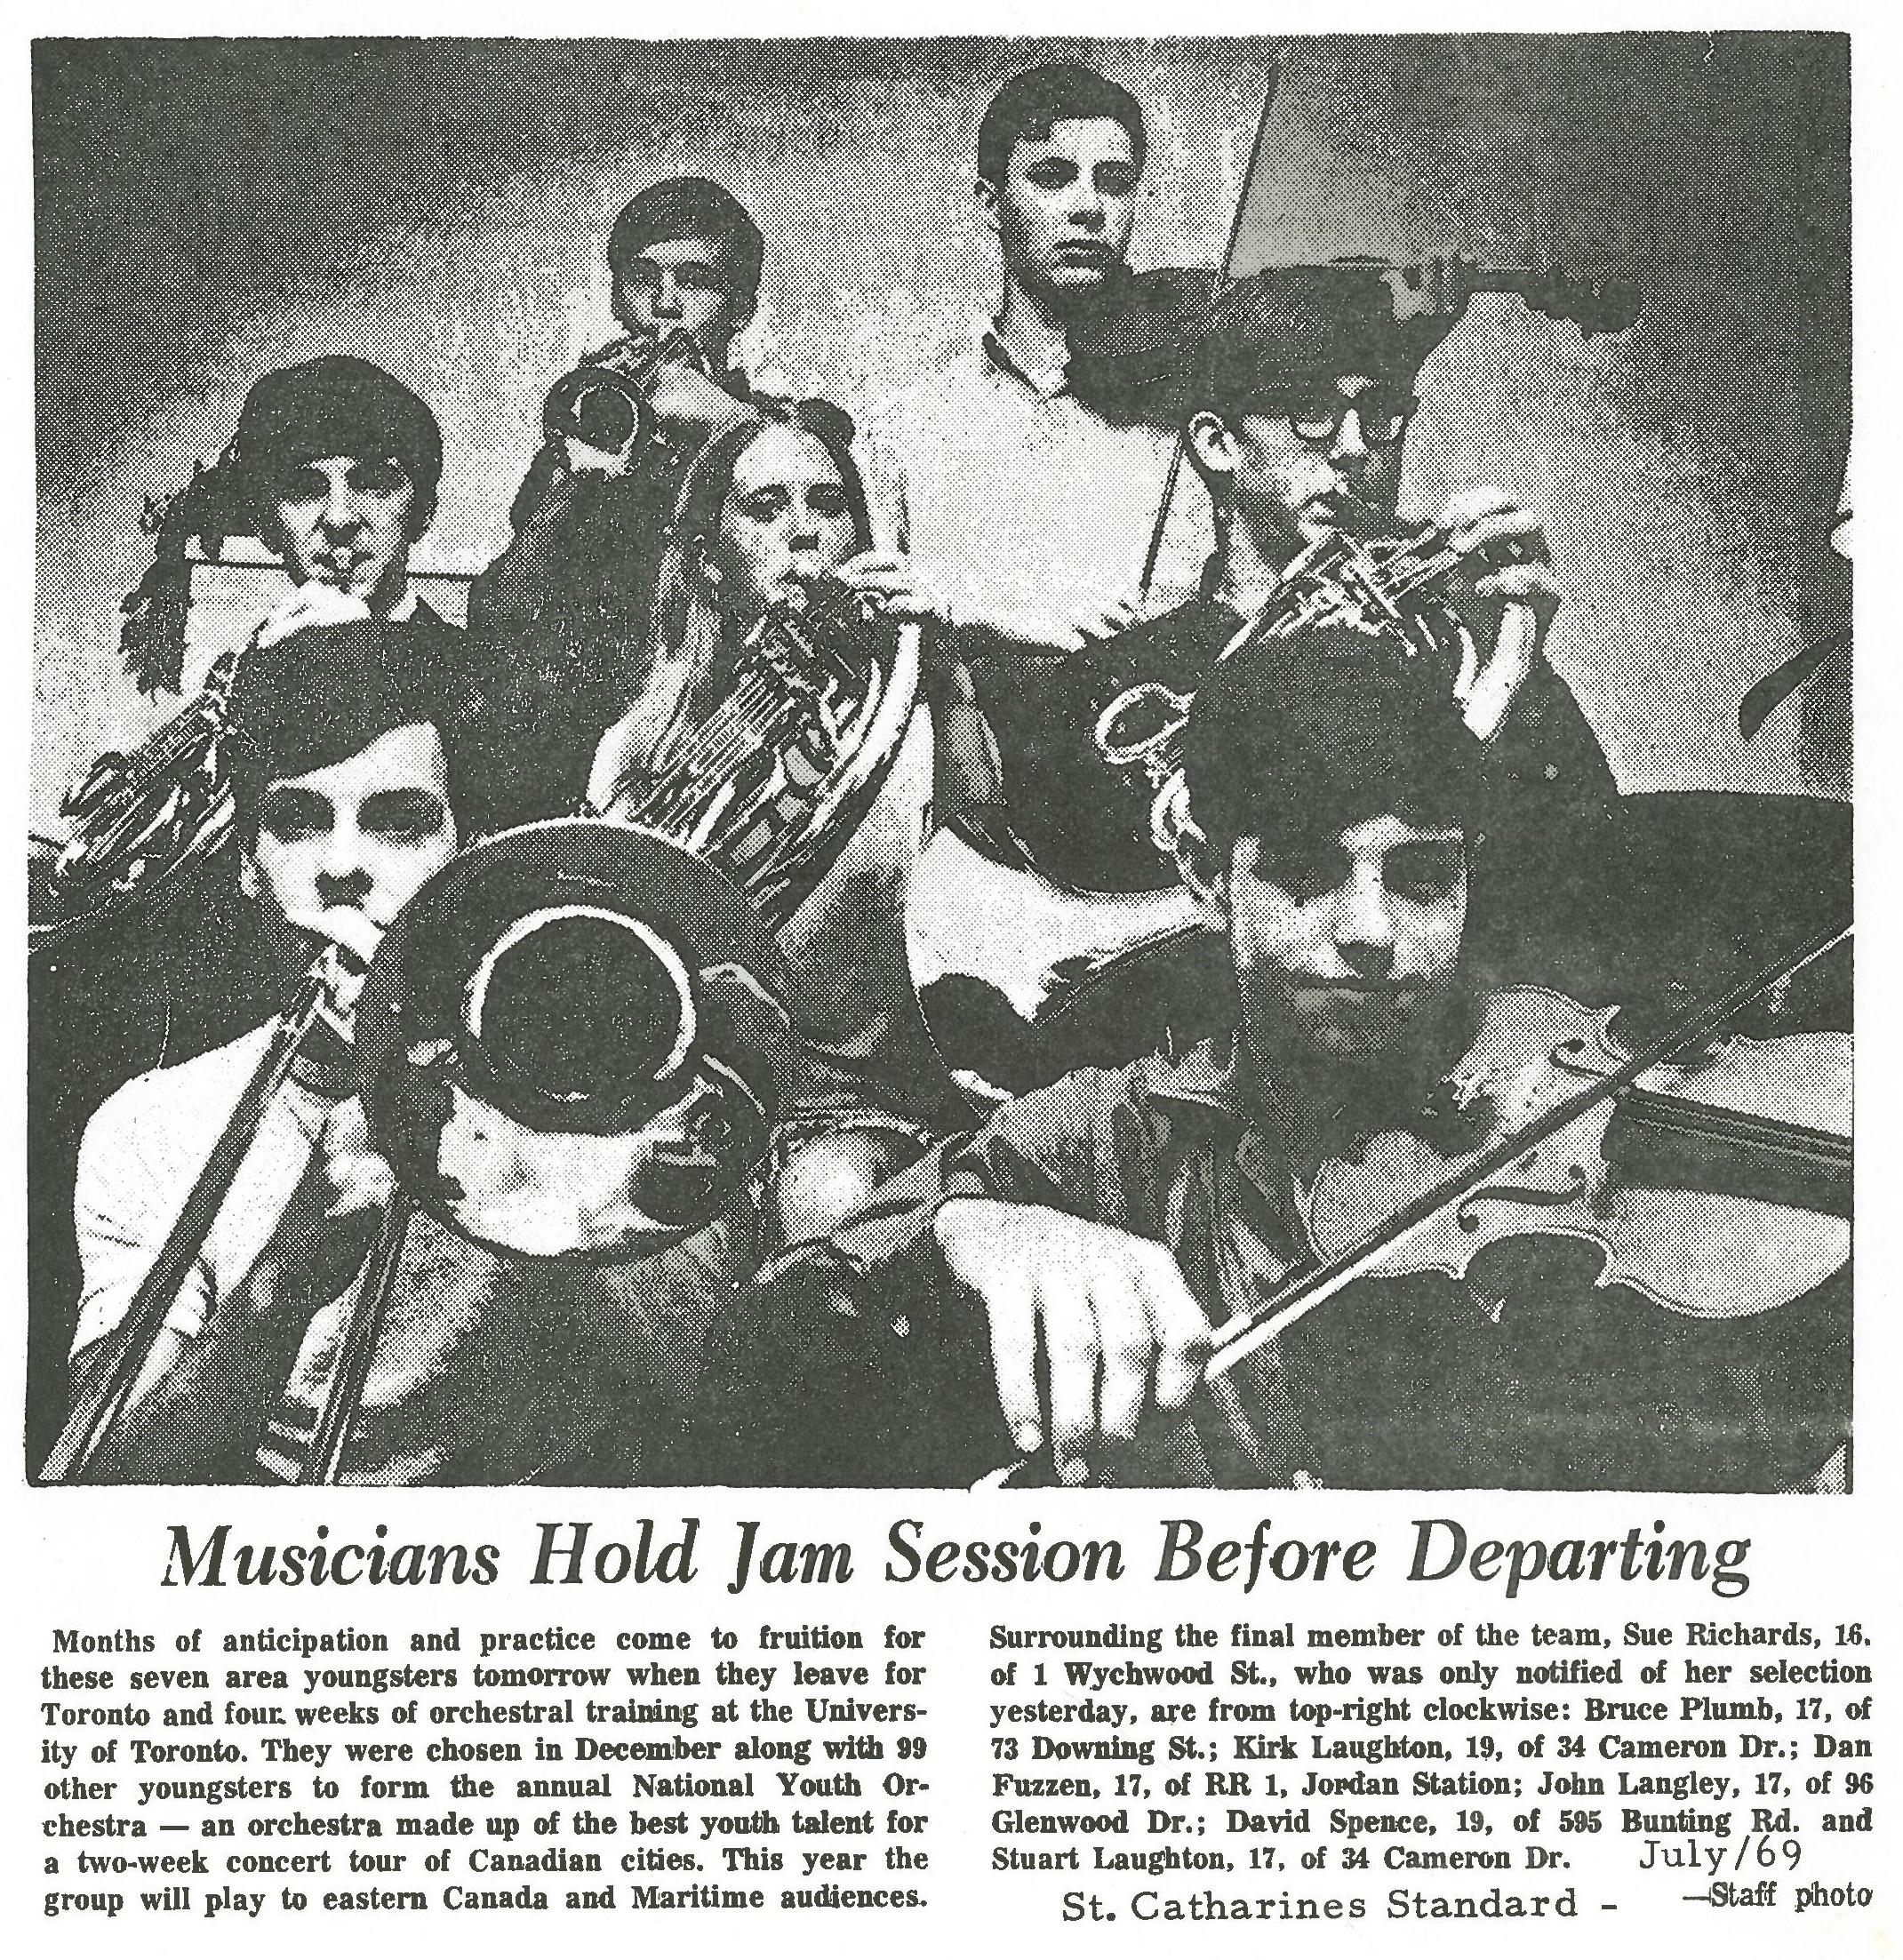 Sept étudiants choisis pour l'Orchestre national des jeunes jouent des instruments. L'article du journal est « Des musiciens font un bœuf avant de partir. »